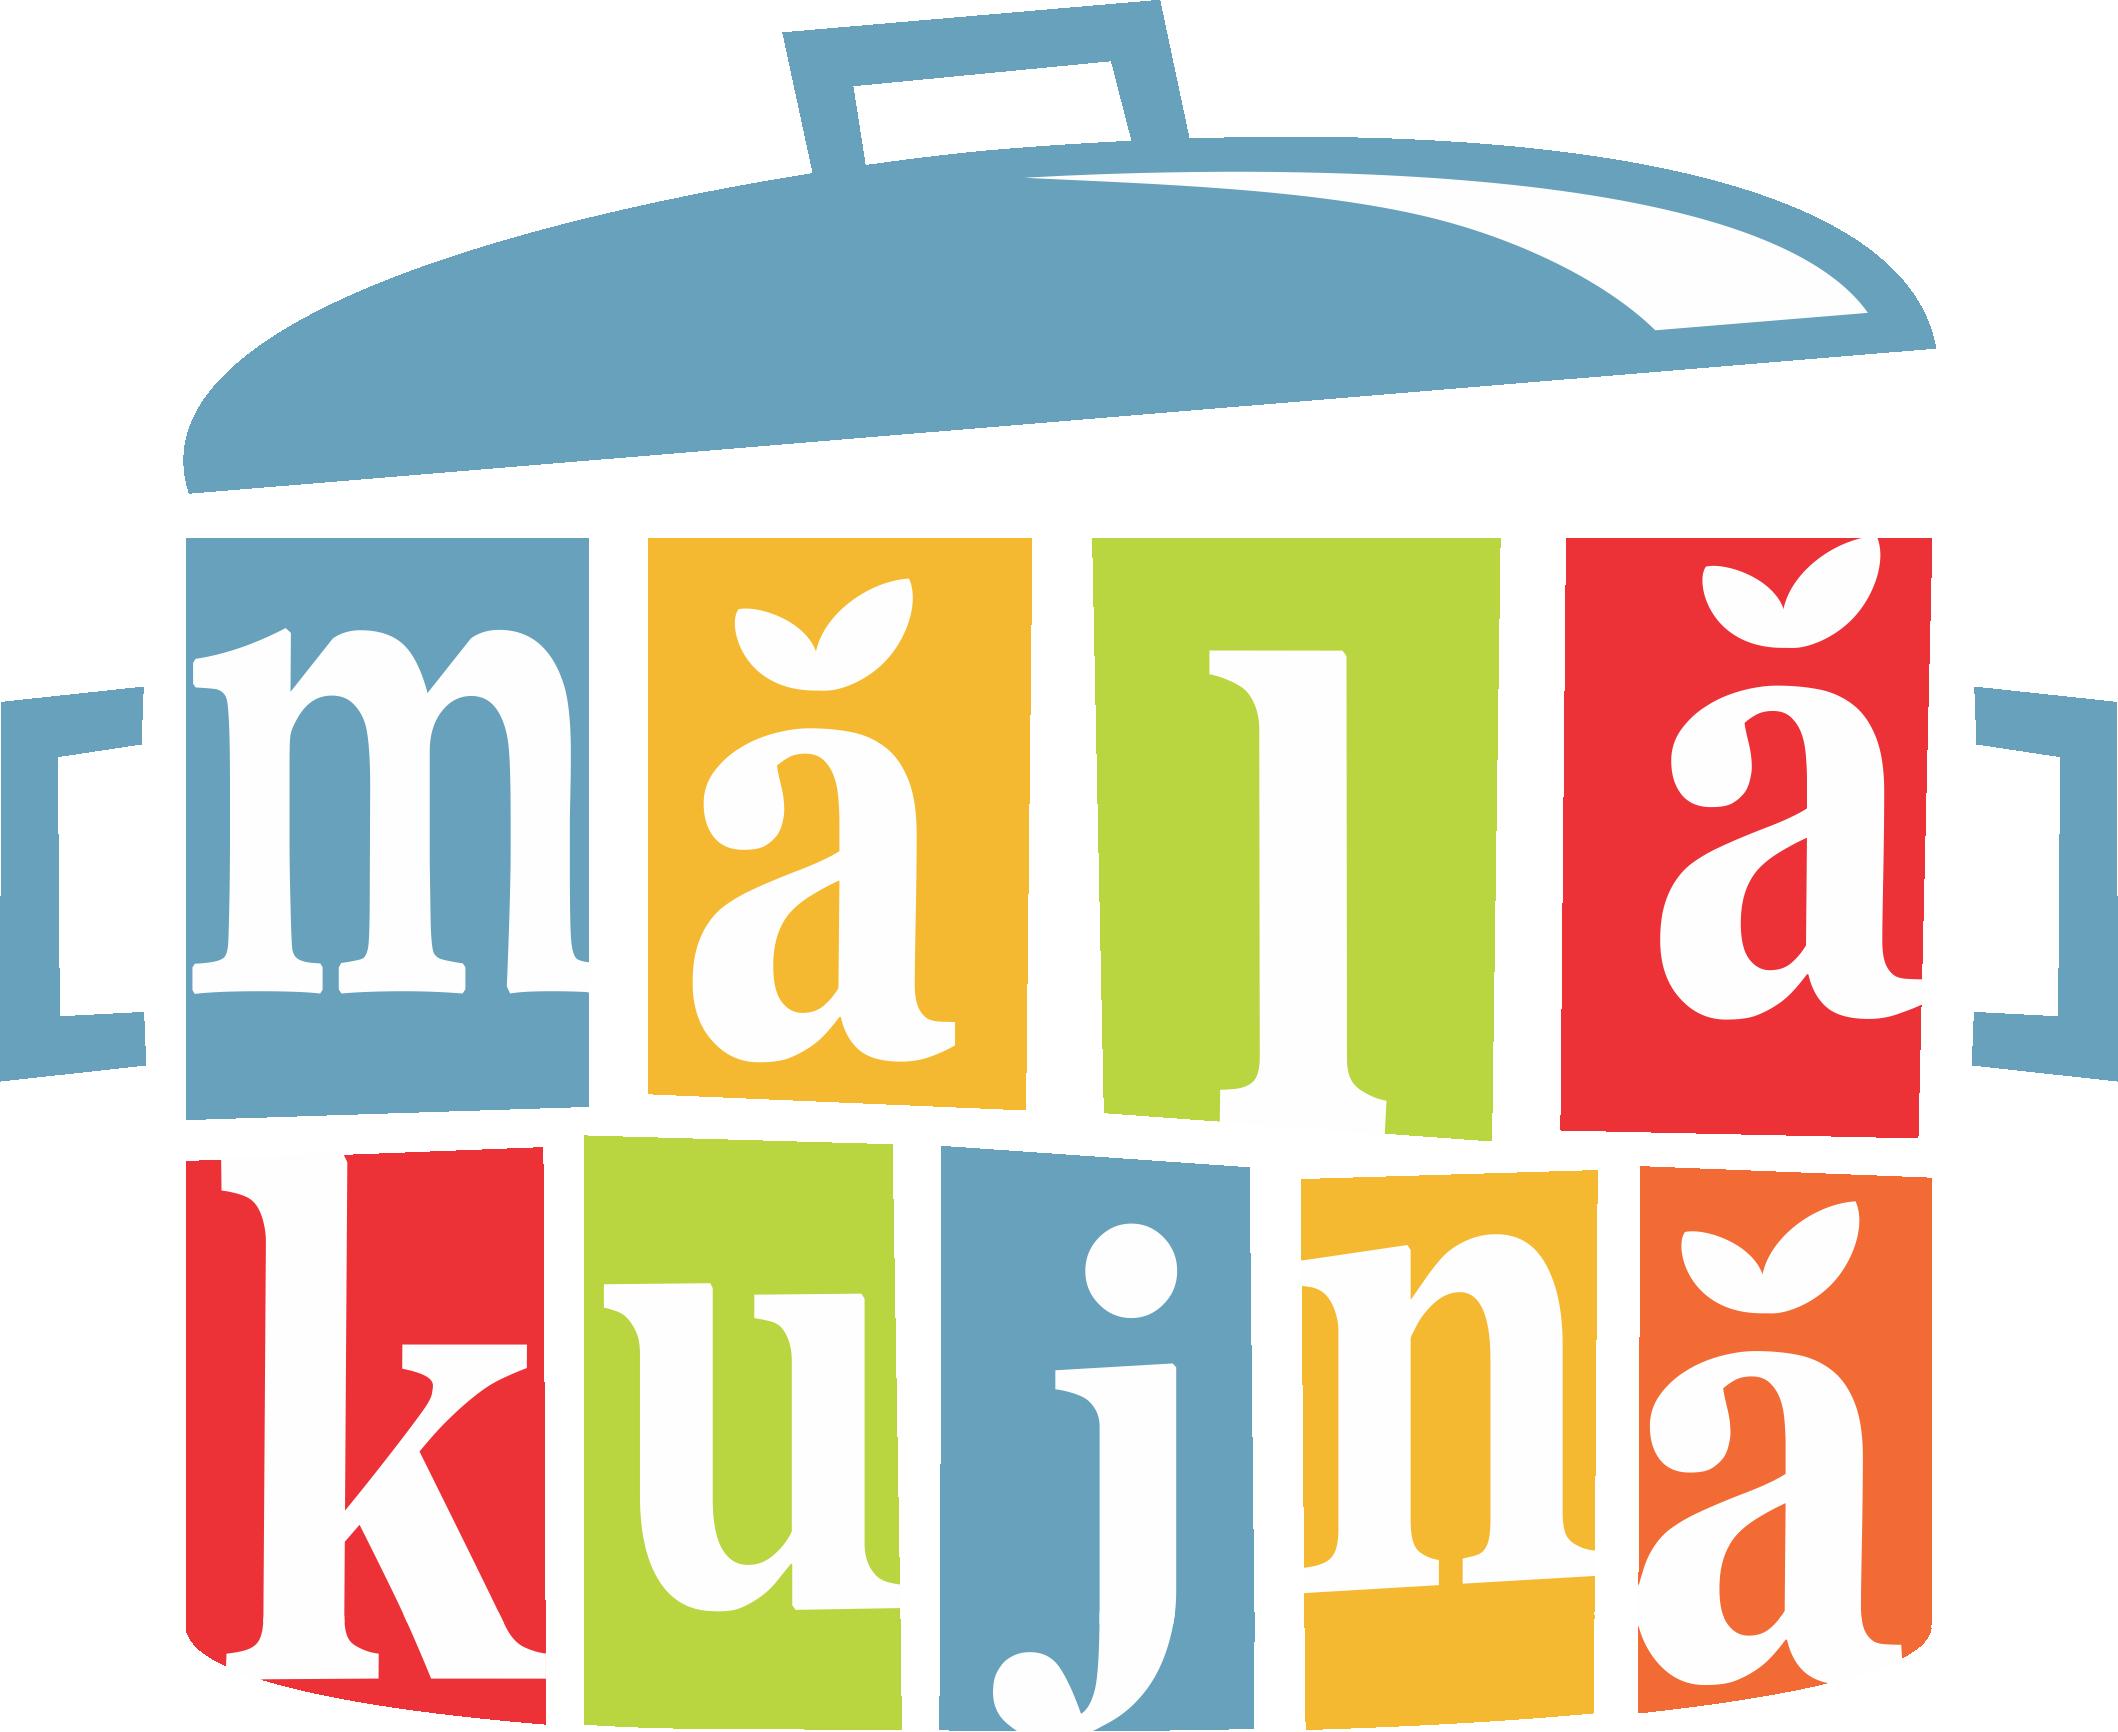 Mala Kujna logo